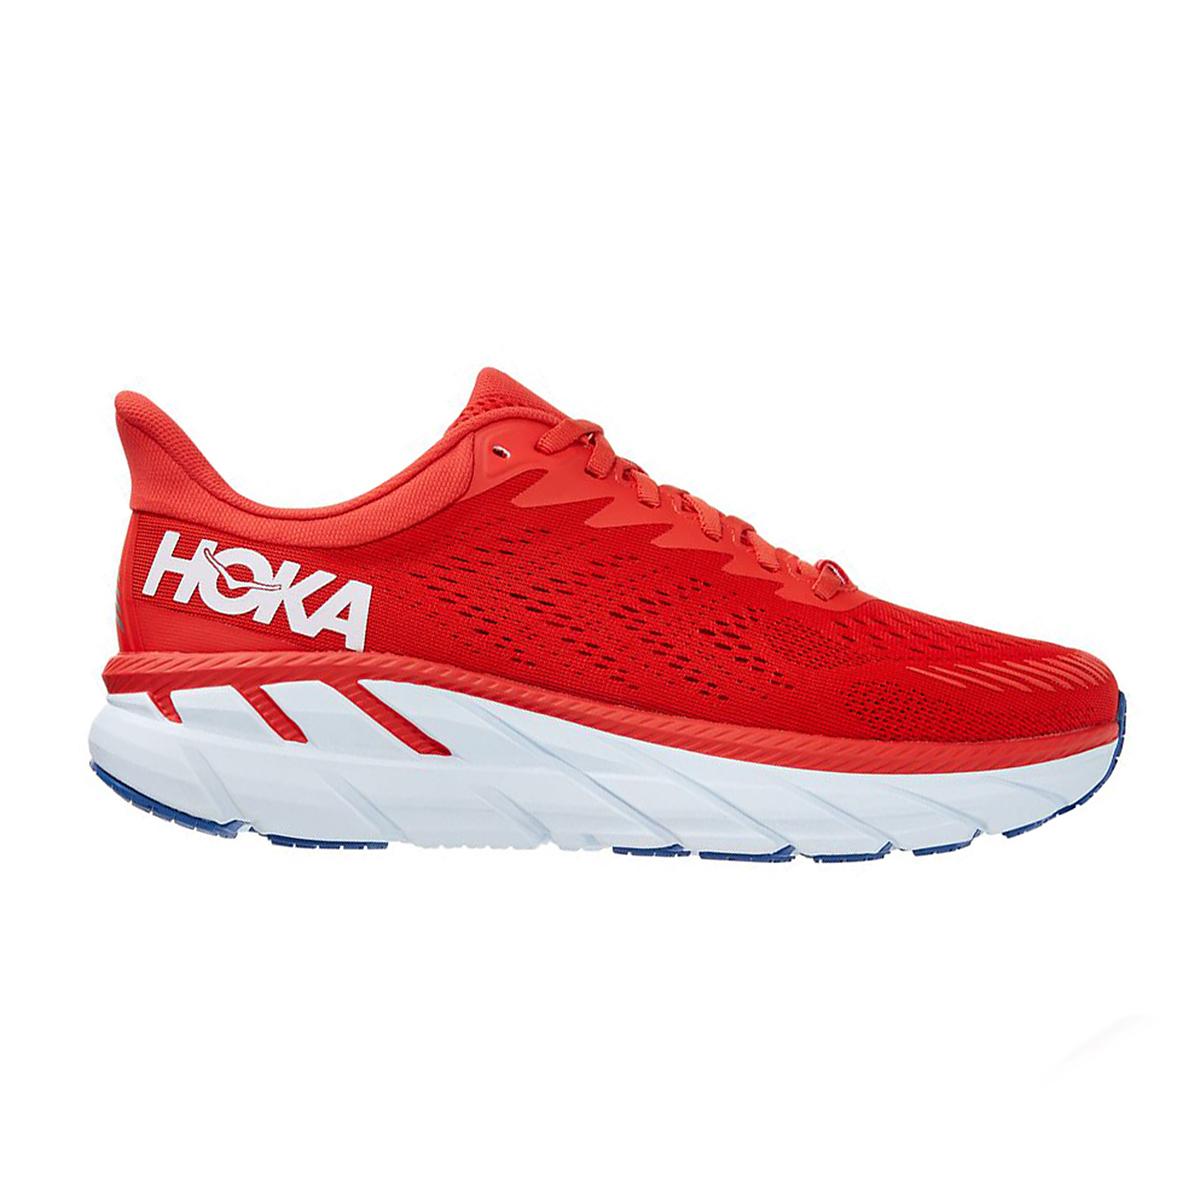 Men's Hoka One One Clifton 7 Running Shoe, , large, image 1